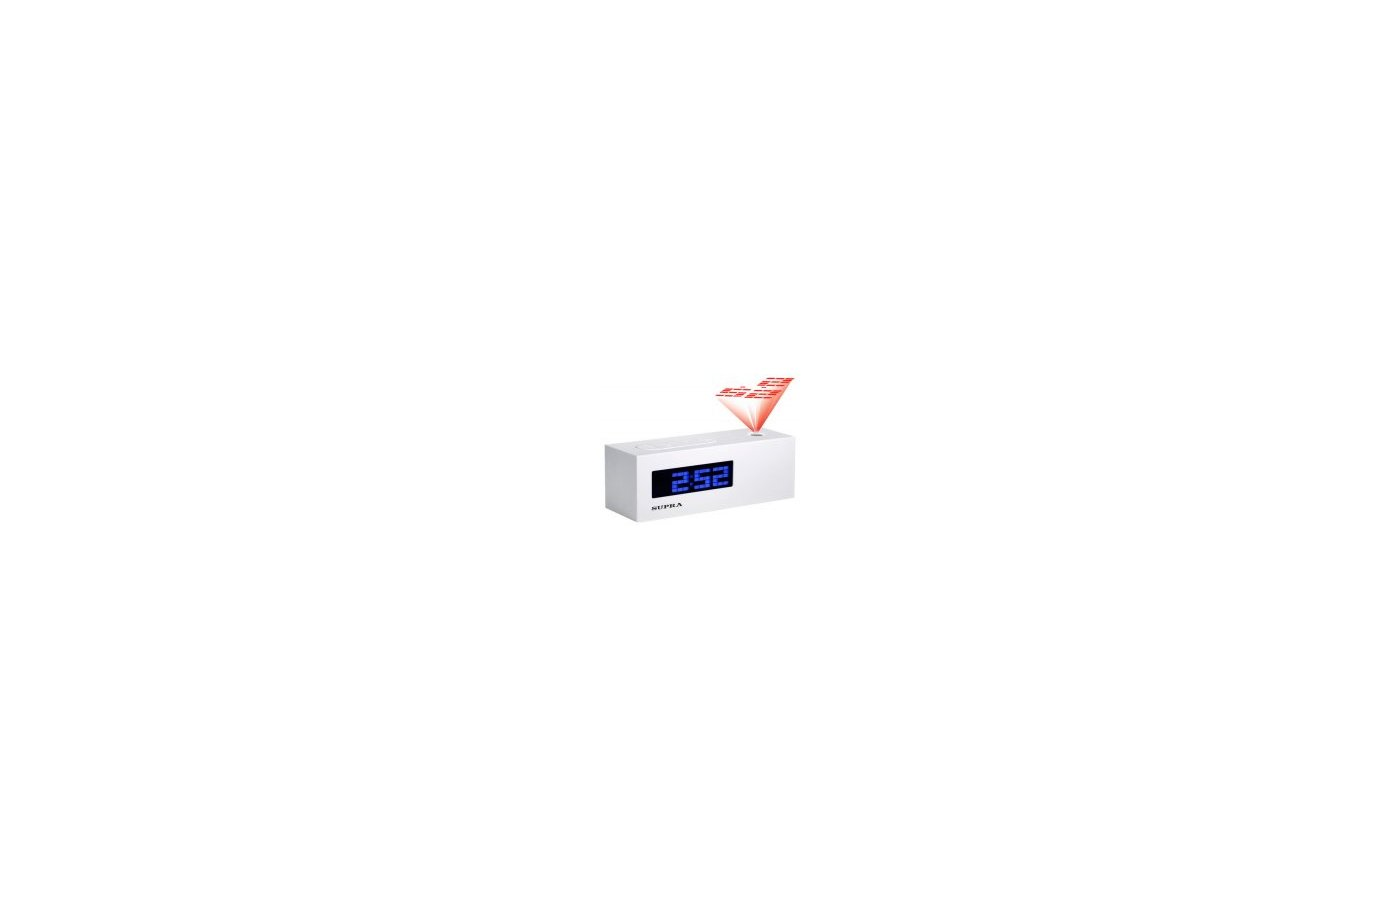 Настольные часы SUPRA SA-41FMP white/blue